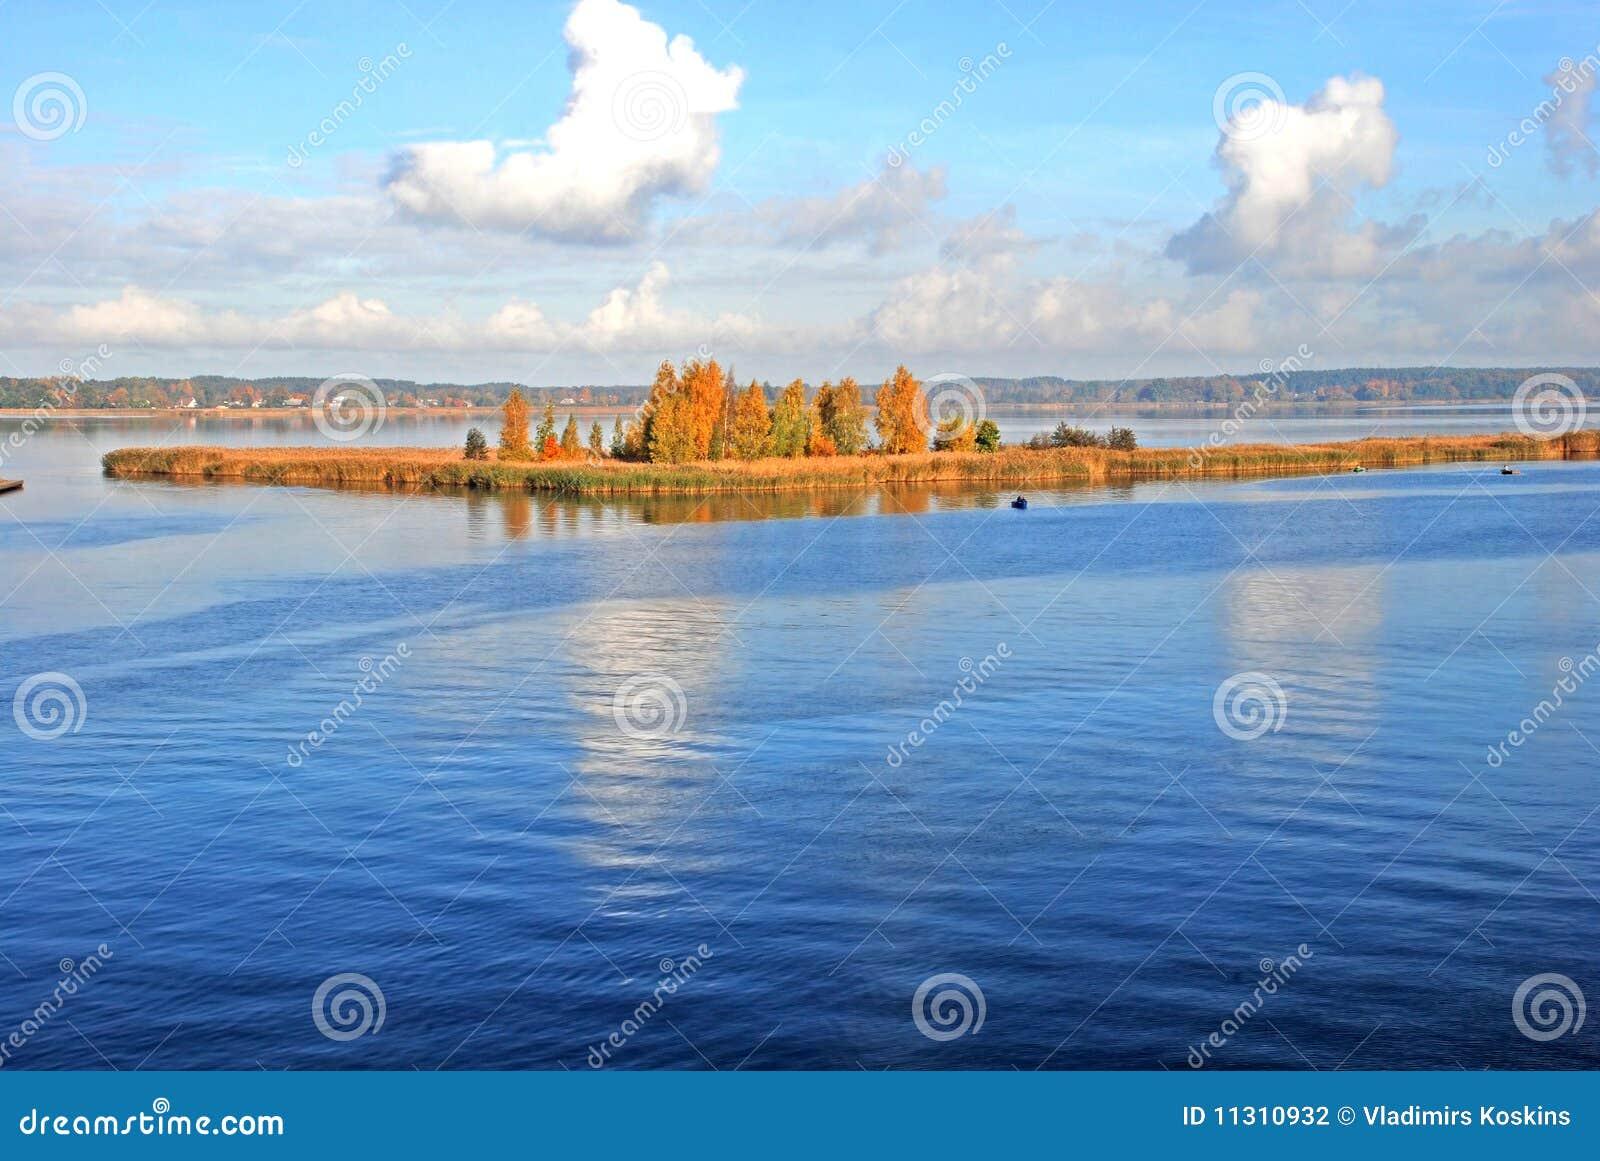 Insel auf See im Herbst